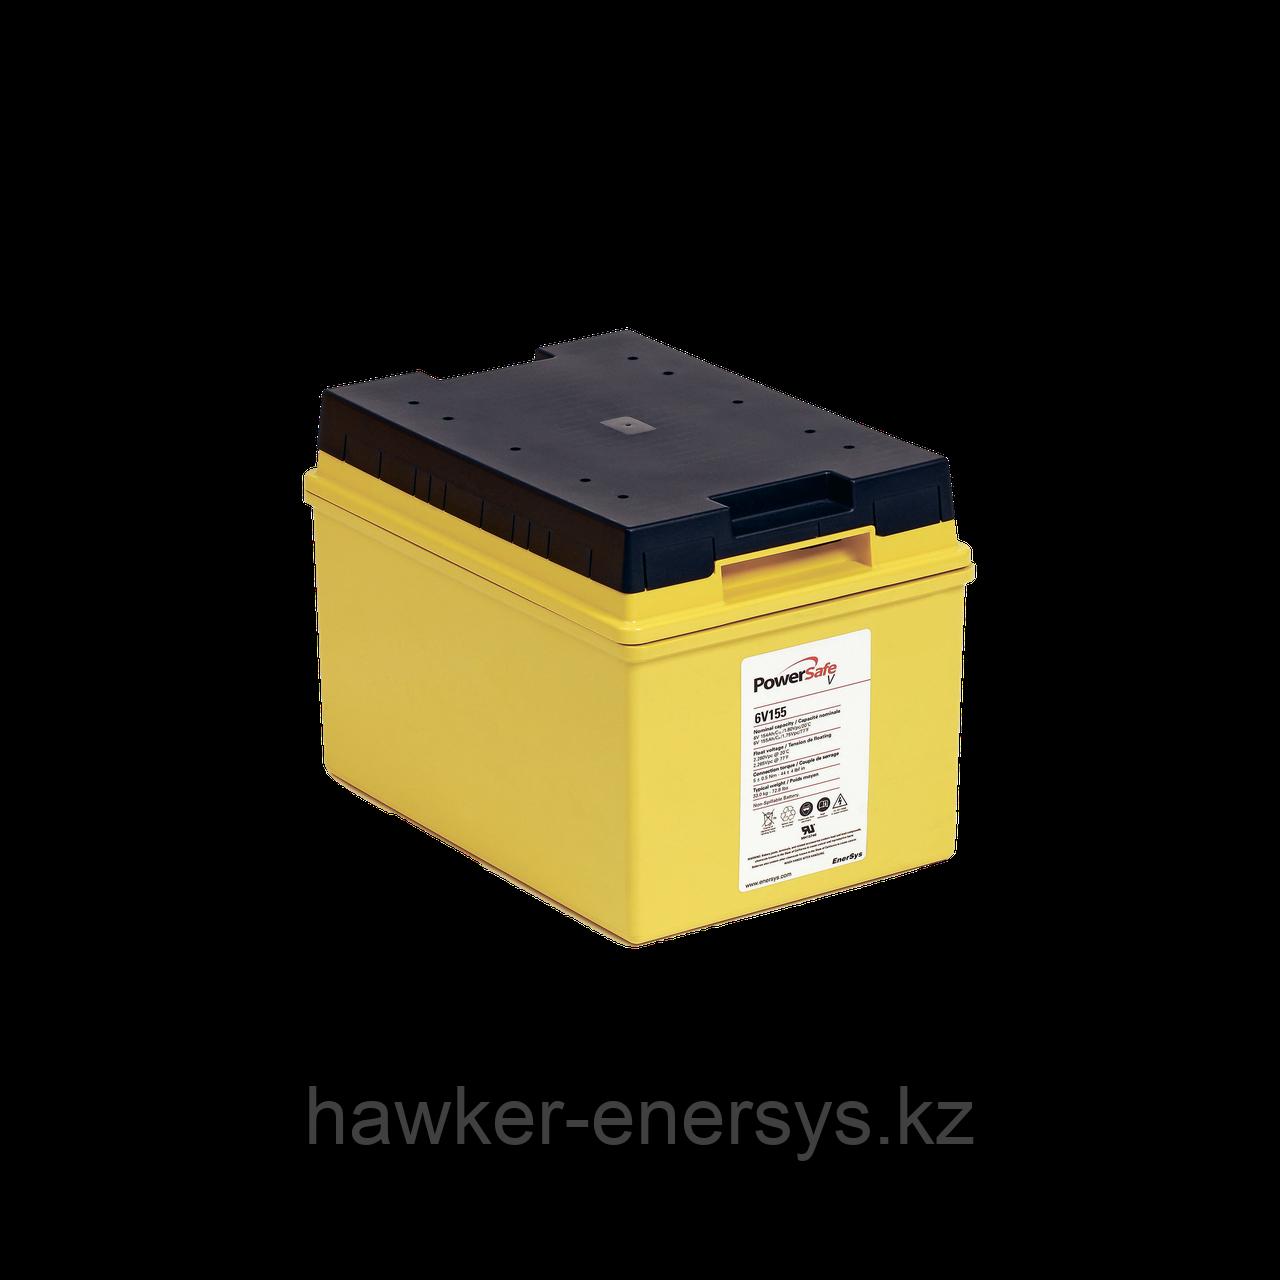 PowerSafe 6V155